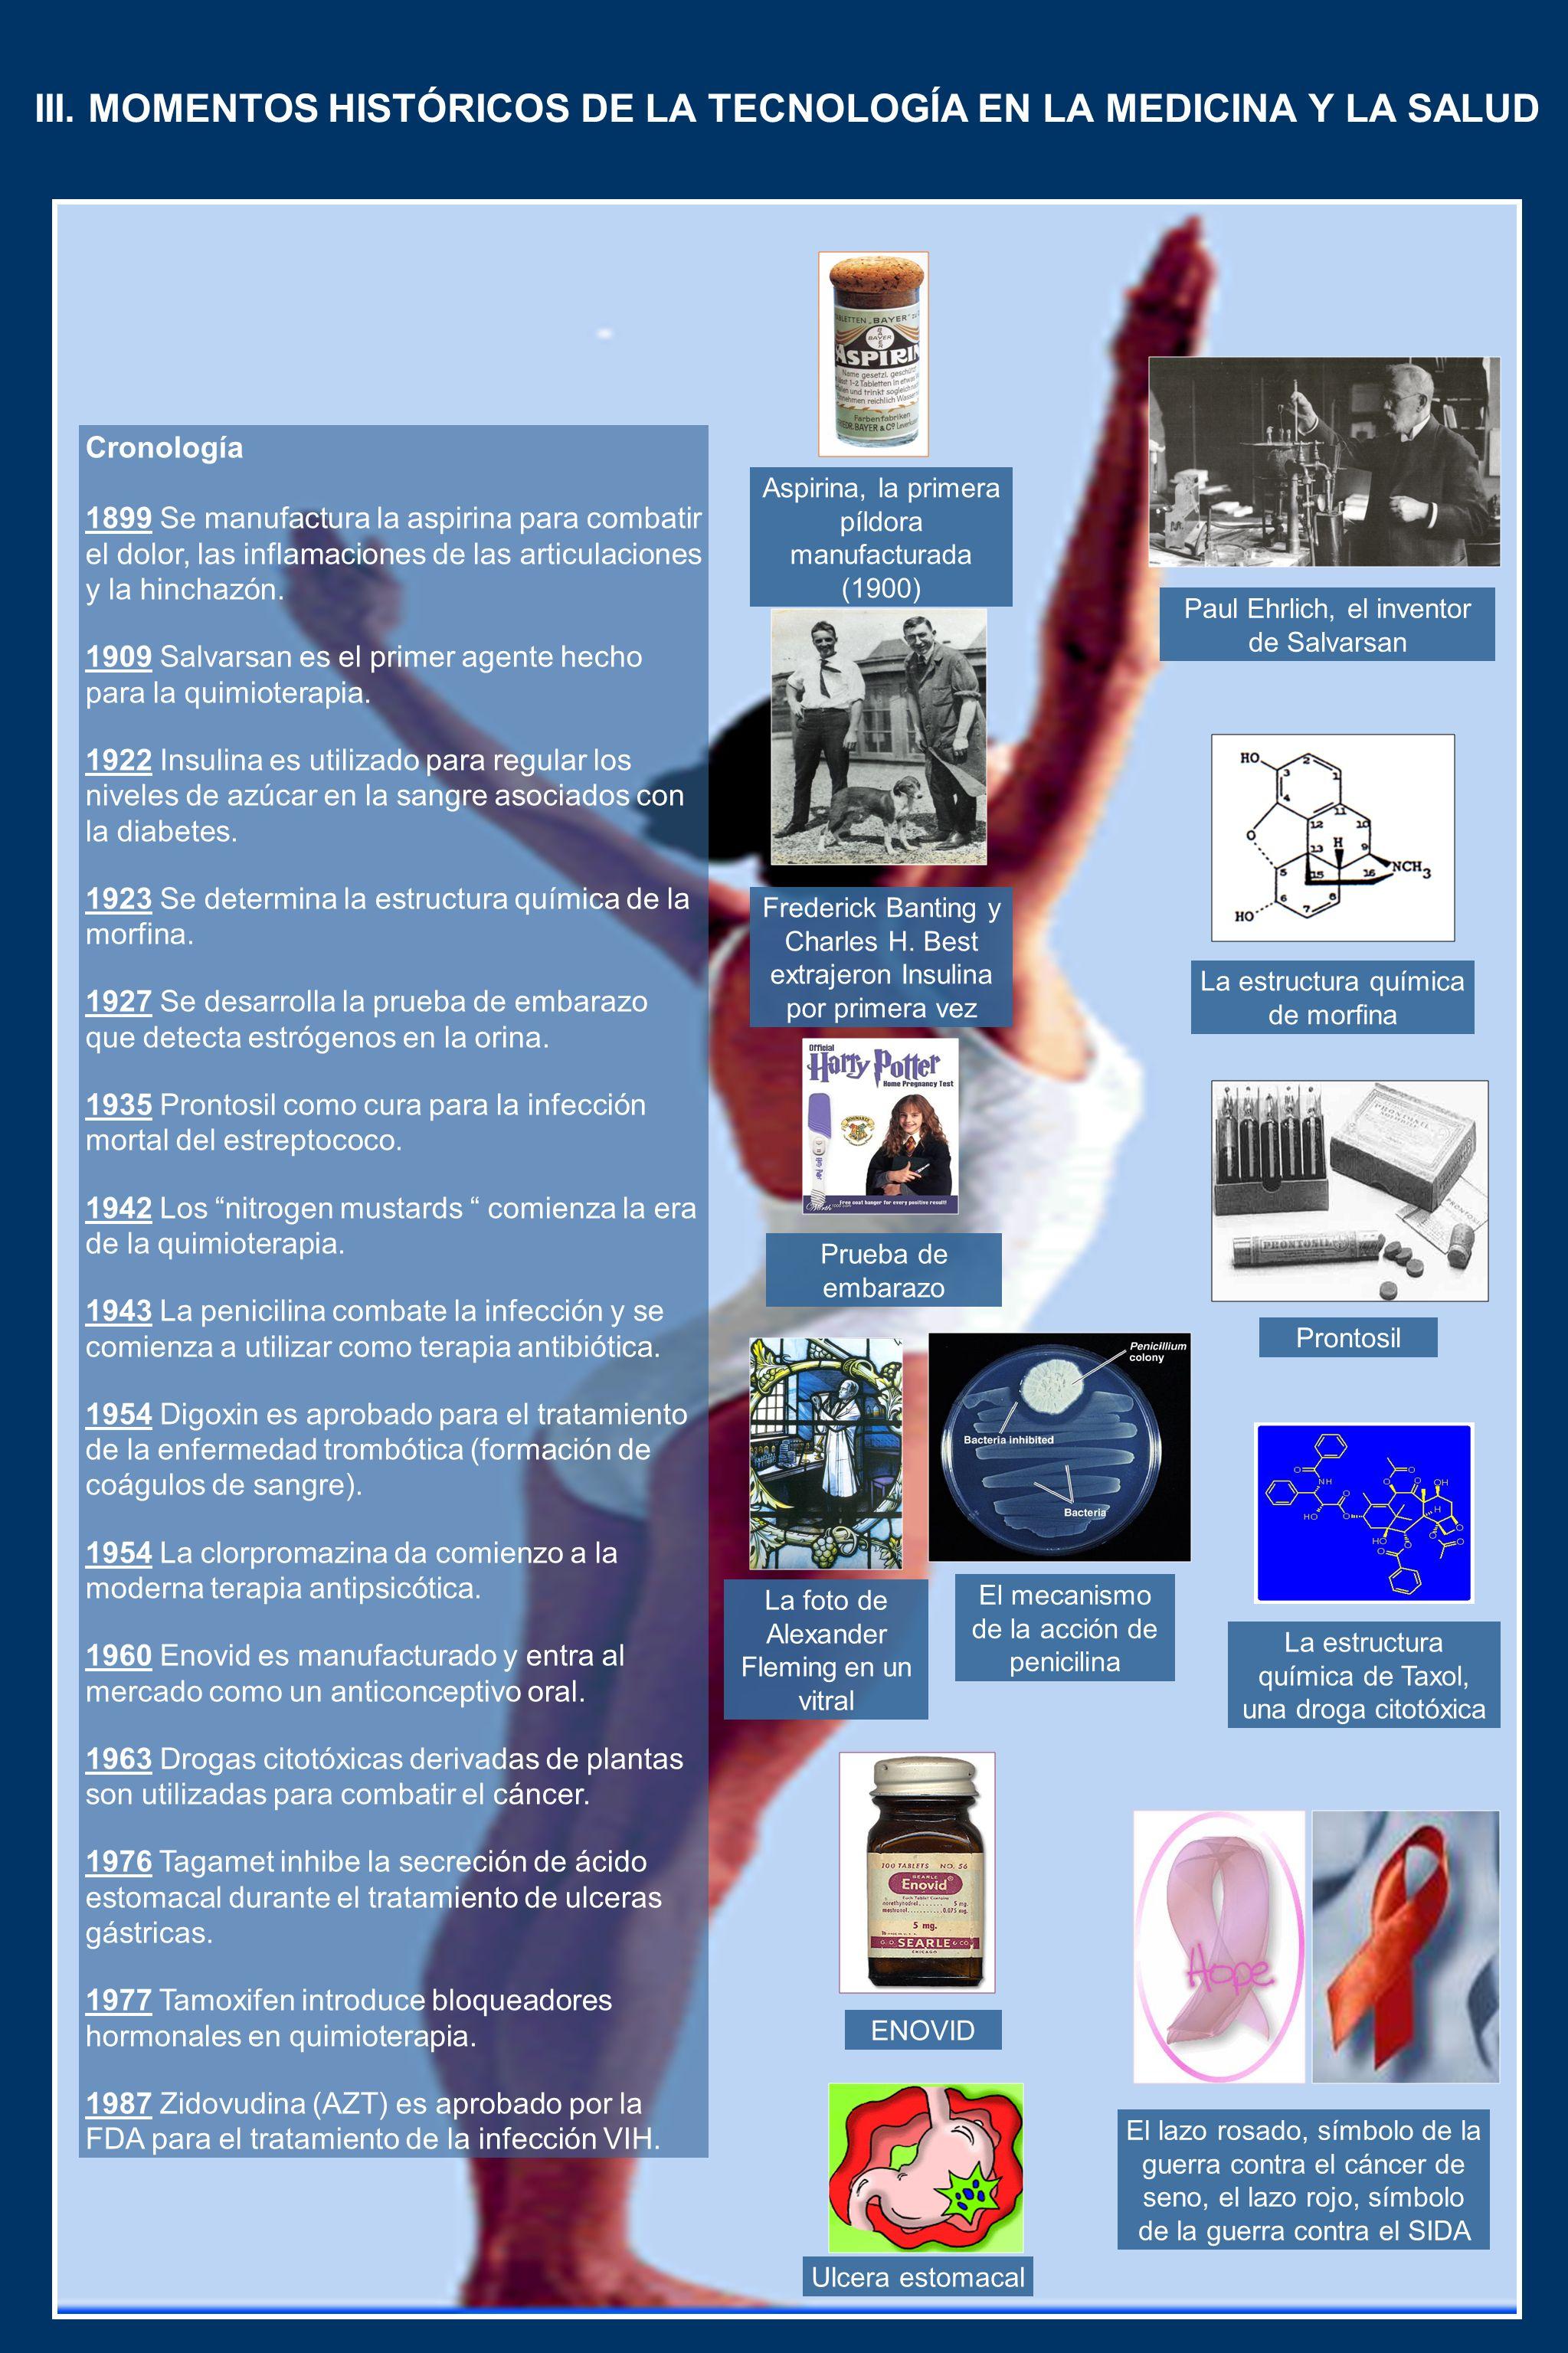 III. MOMENTOS HISTÓRICOS DE LA TECNOLOGÍA EN LA MEDICINA Y LA SALUD Cronología 1899 Se manufactura la aspirina para combatir el dolor, las inflamacion